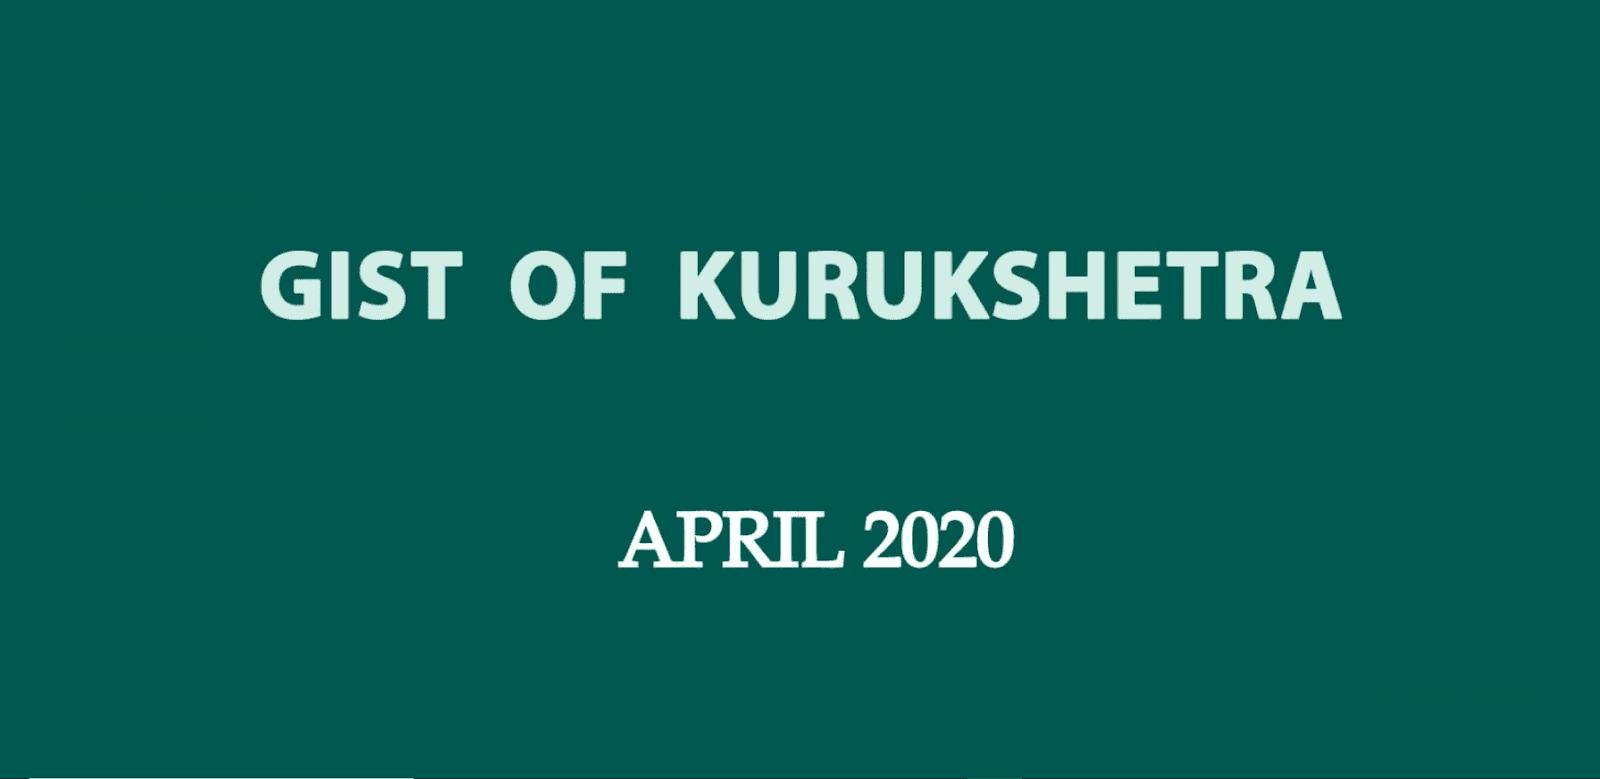 Gist of Kurukshetra April 2020 PDF